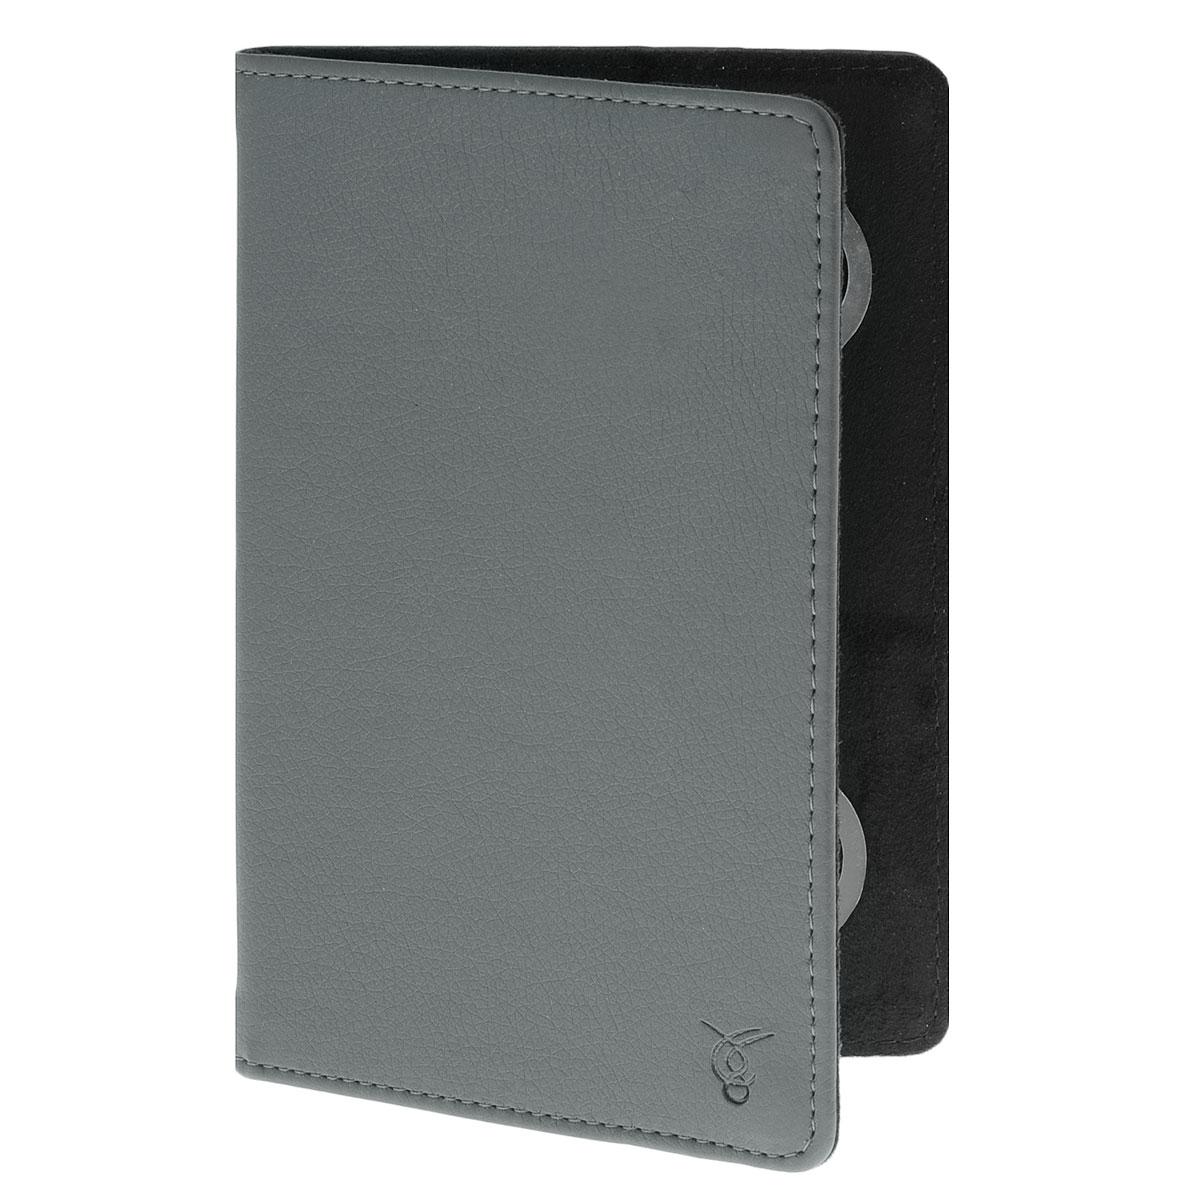 Vivacase Basic чехол для планшетов 7, Gray (VUC-CBS07-gr)VUC-CBS07-grЧехол Viva Basic предназначен для защиты электронных устройств от механических повреждений и влаги. Крепление PVS позволяет надежно зафиксировать устройство.